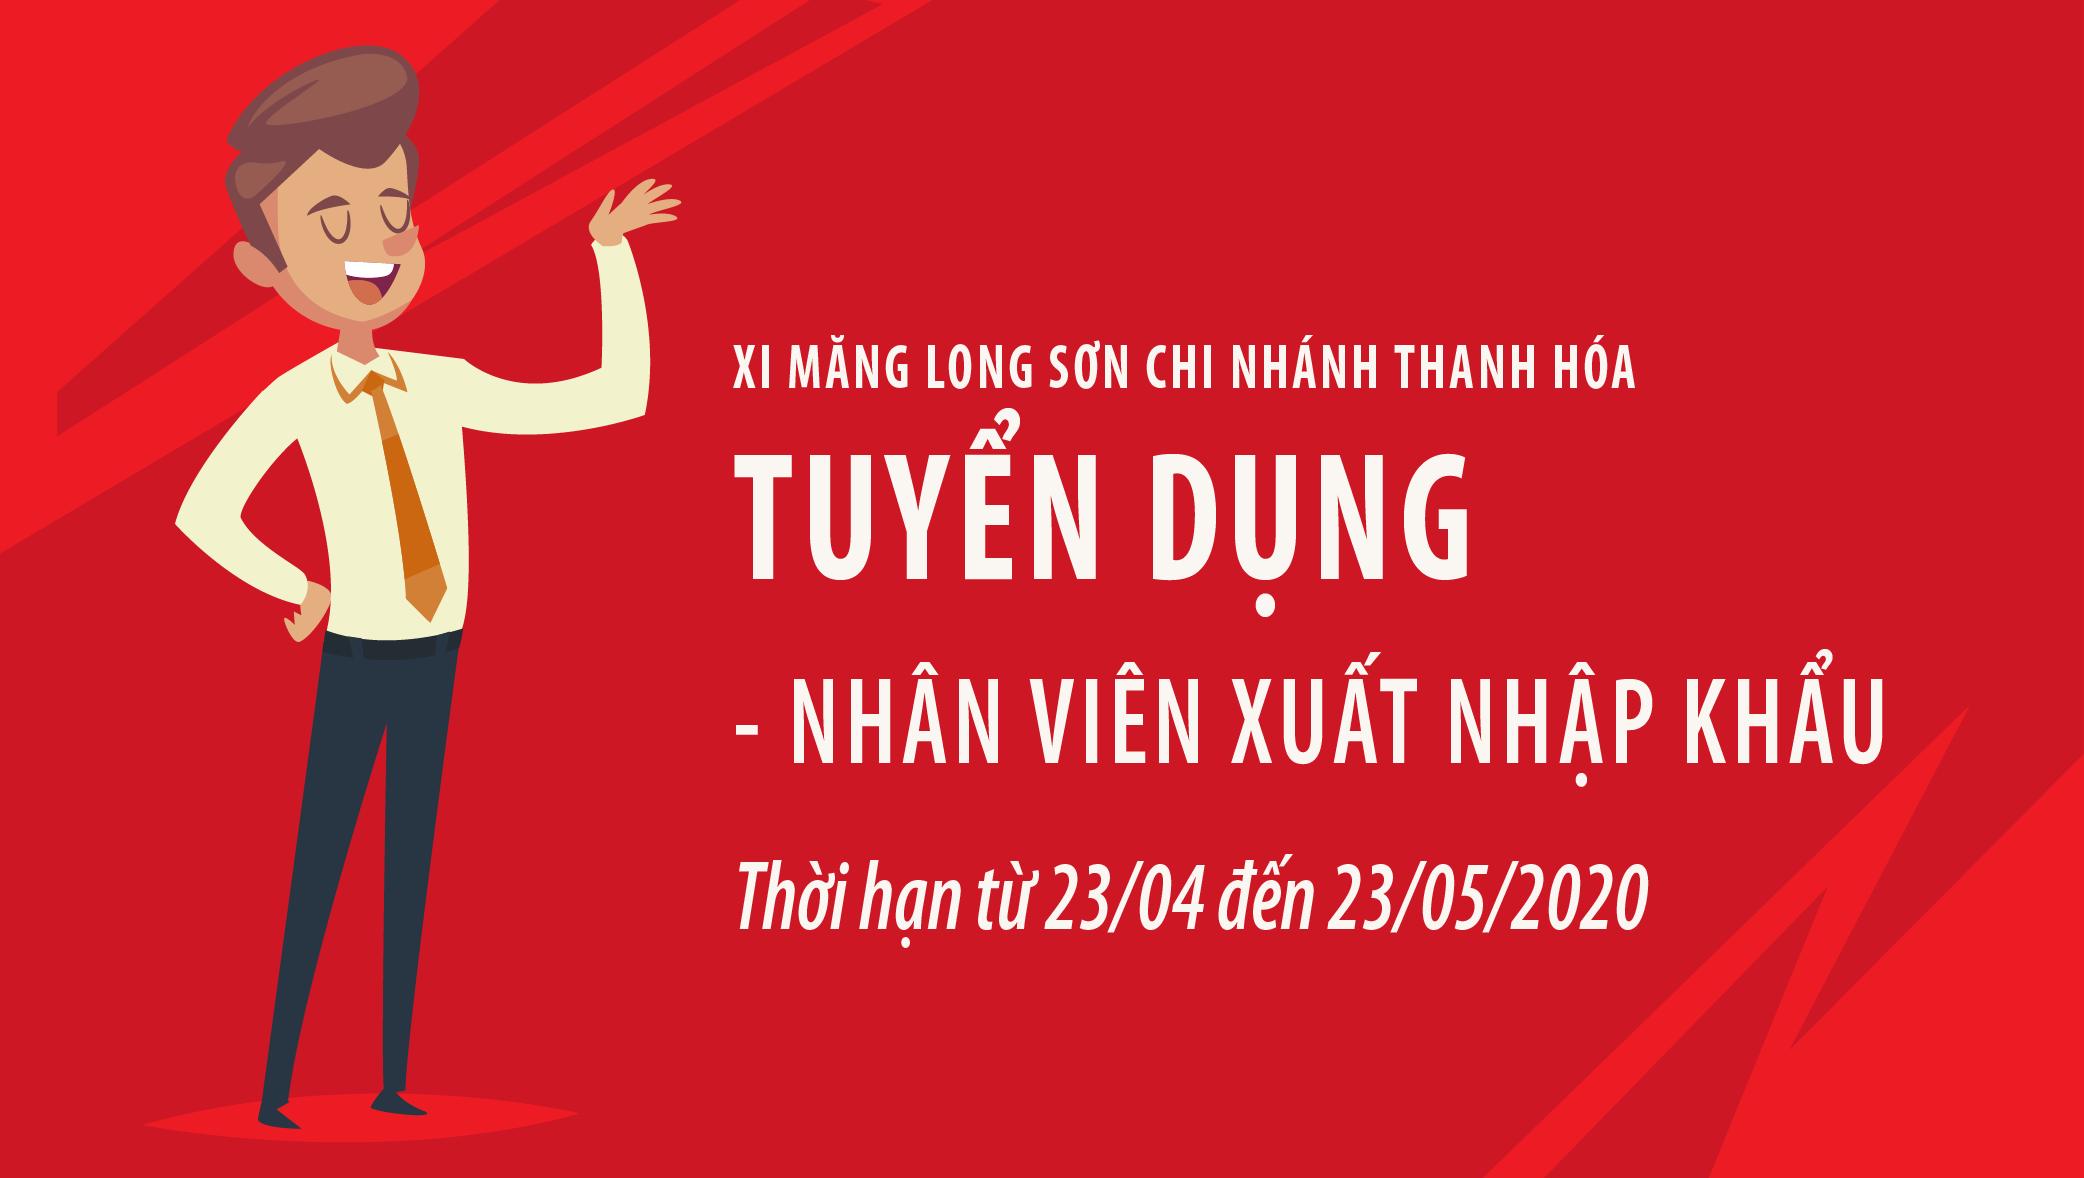 Xi măng Long Sơn thông báo tuyển dụng nhân viên xuất nhập khẩu